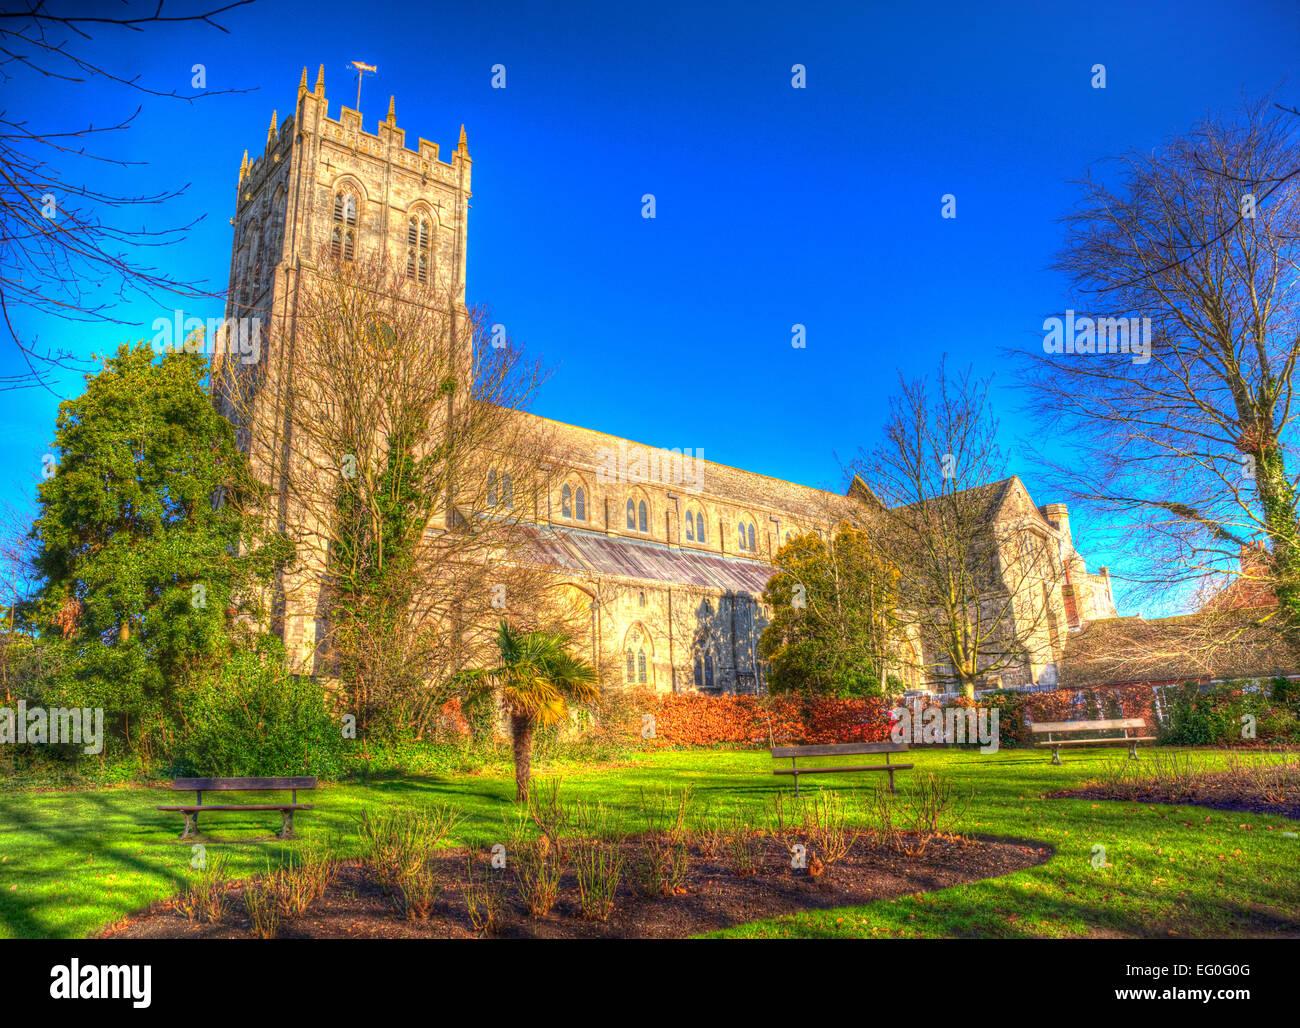 Christchurch Priory Dorset England UK 11. Jahrhundert Denkmalschutz ich Kirche im Zentrum der Stadt in bunte lebendige Stockbild